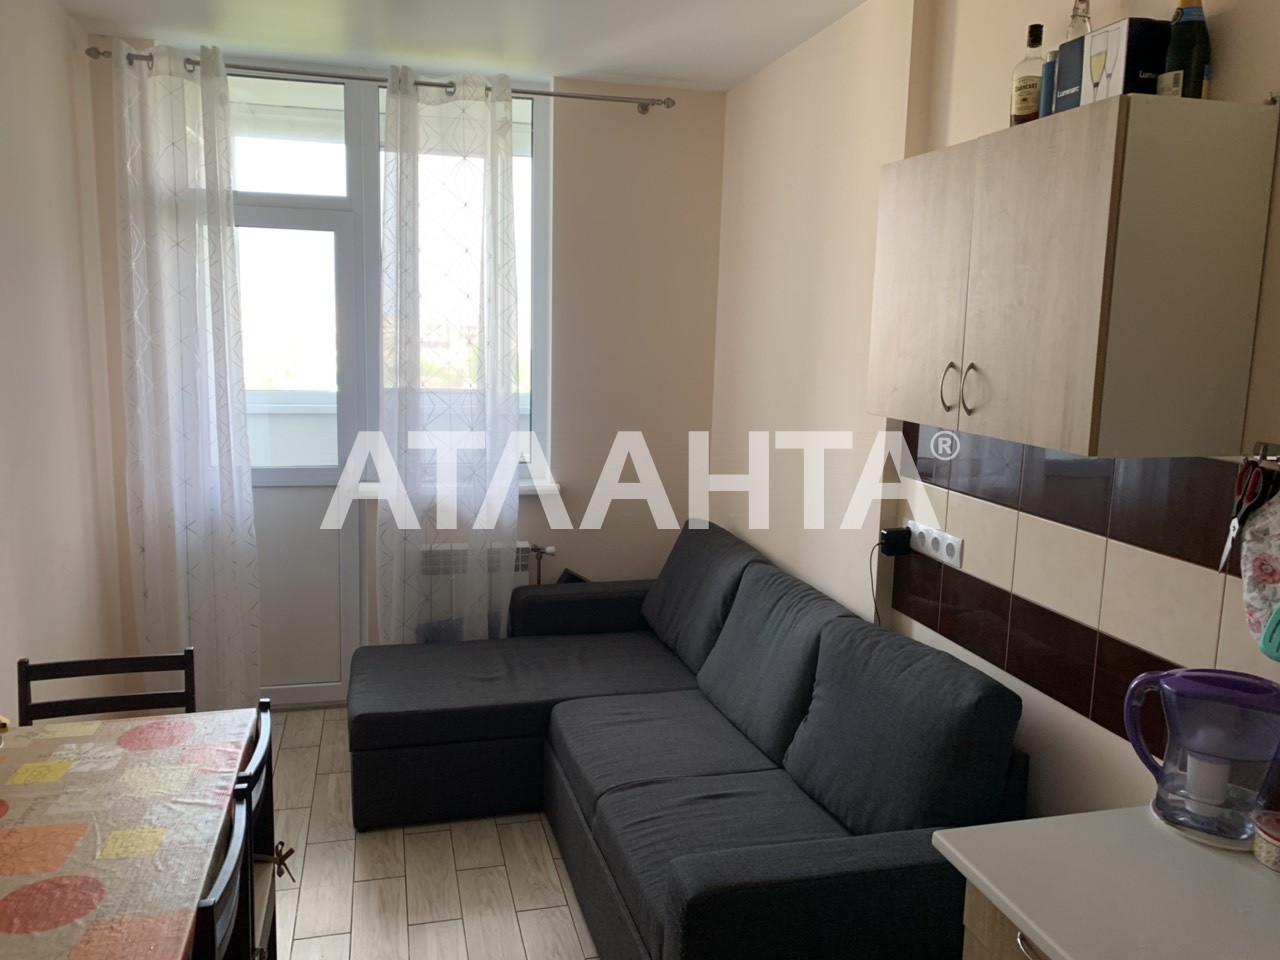 Продается 1-комнатная Квартира на ул. Лобачевского Пер. — 40 000 у.е. (фото №2)